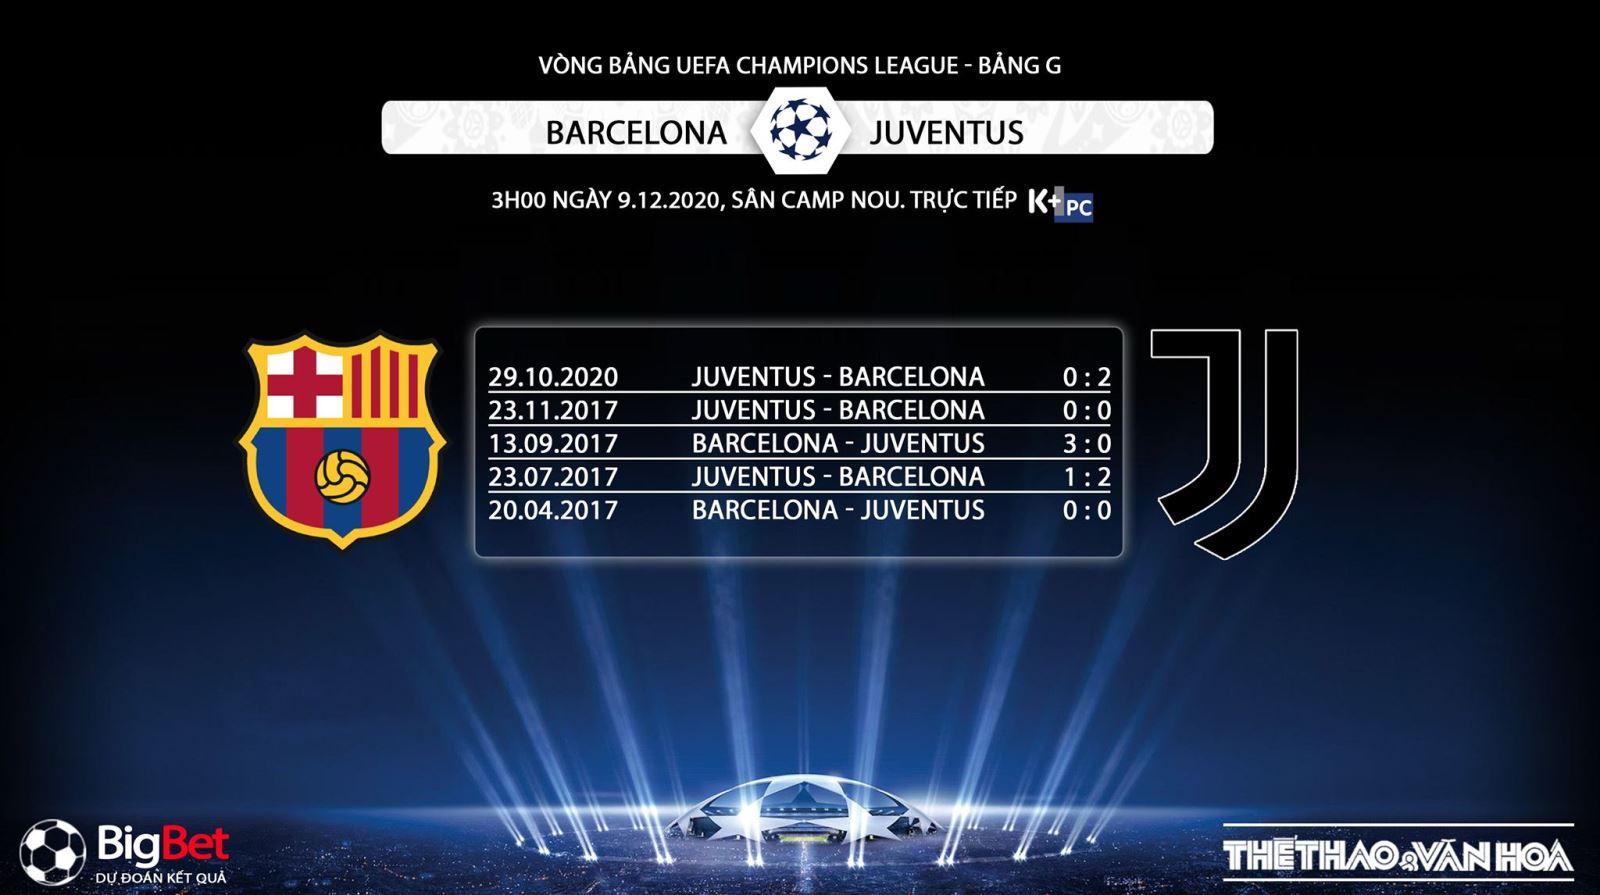 Keo nha cai, kèo nhà cái, Barcelona vs Juventus, Trực tiếp bóng đá, Cúp C1 châu Âu, soi kèo Barcelona đấu với Juventus, trực tiếp vòng bảng Champions League, kèo Barca